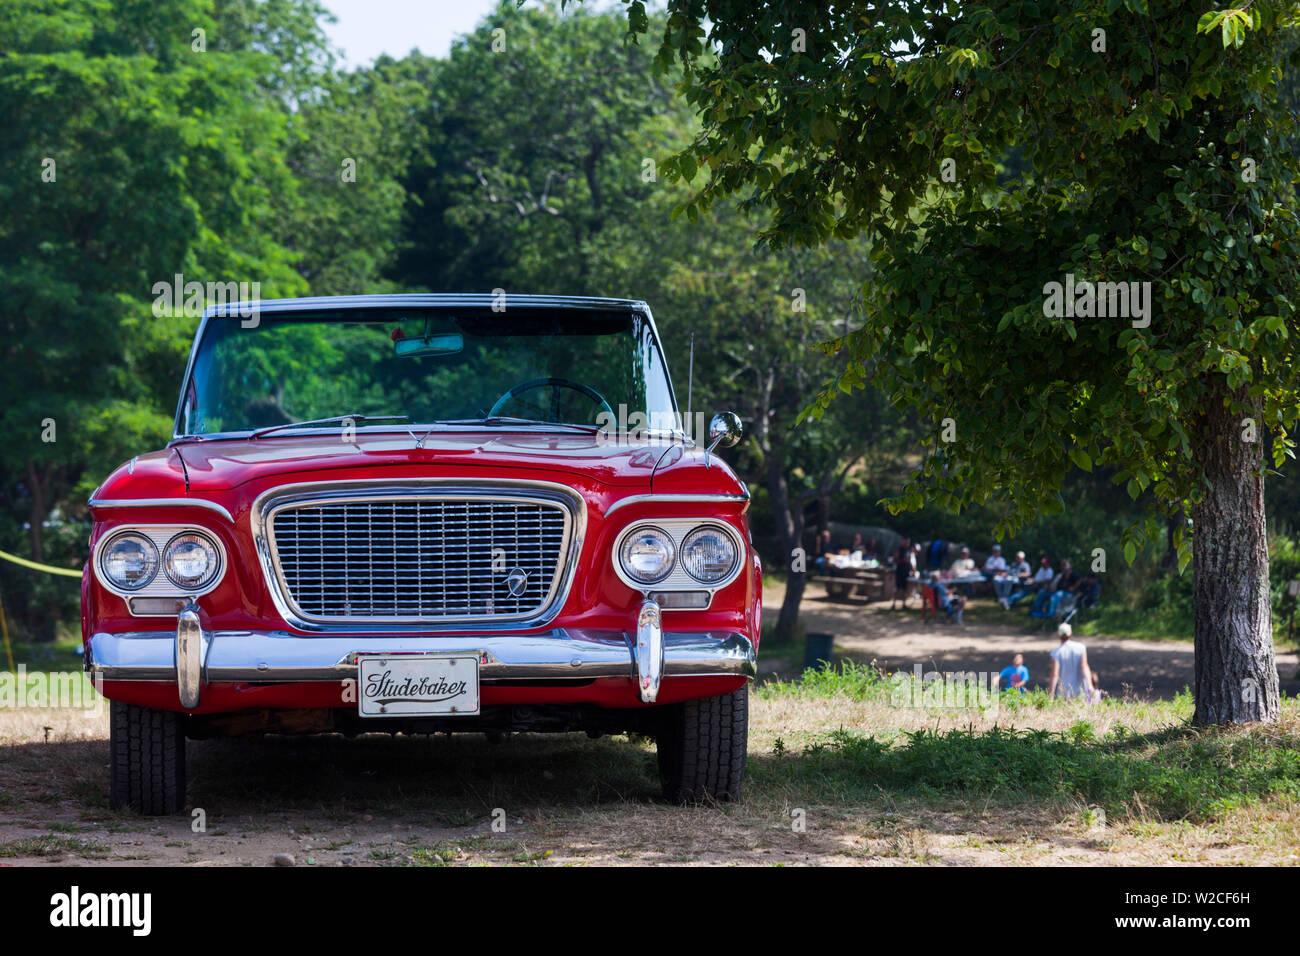 USA, Massachusetts, Gloucester, Antique Car Show, 1960s-era, Studebaker Lark - Stock Image